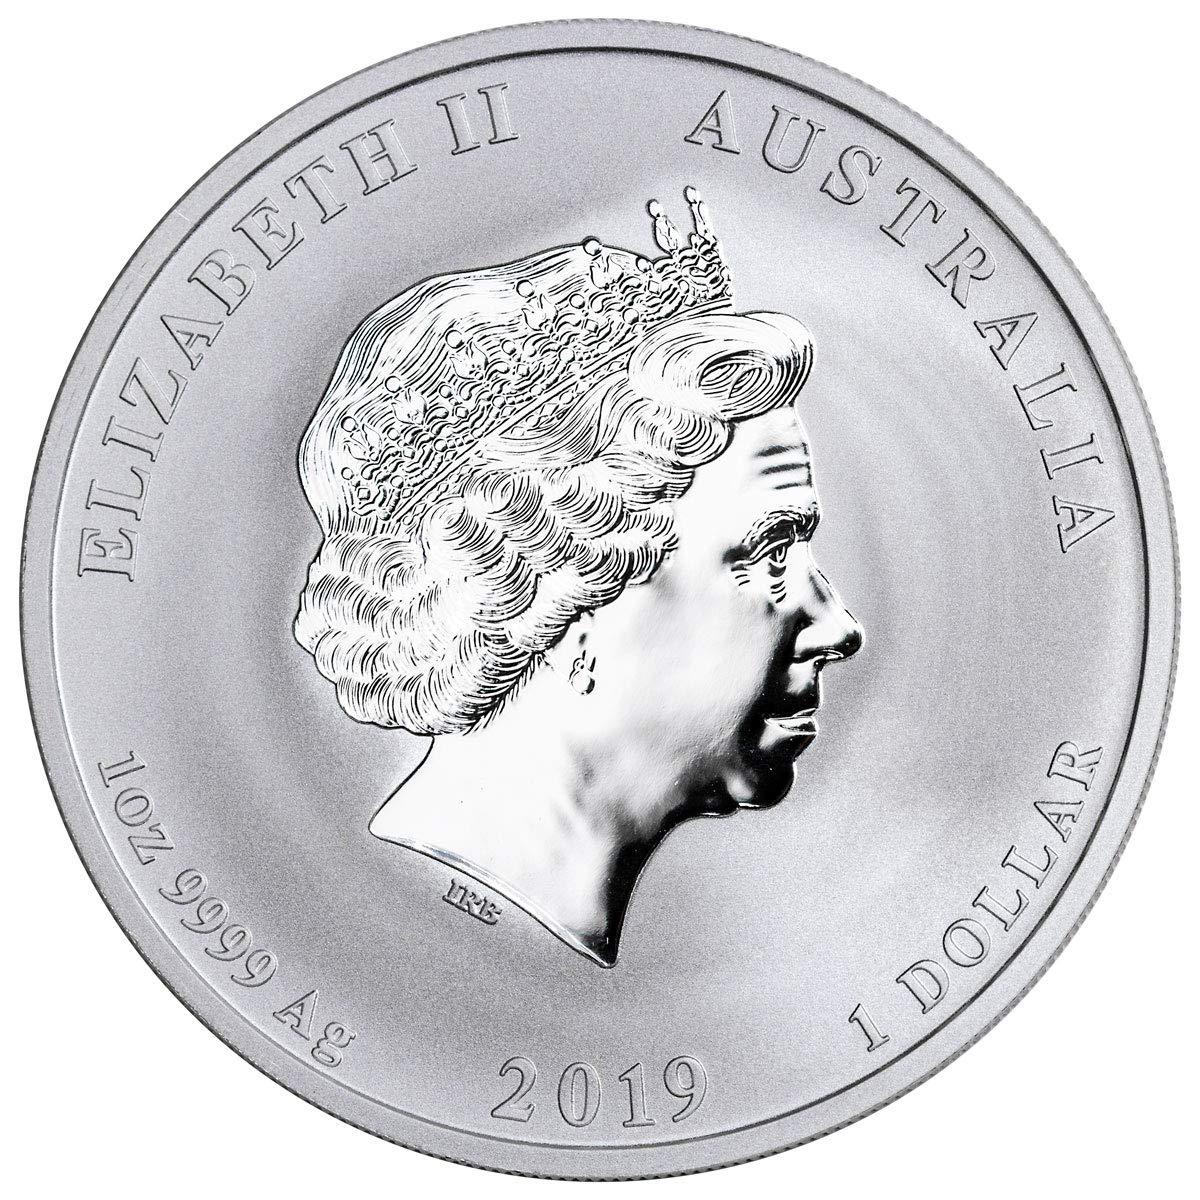 2019 Australian $1 1oz Lunar Year of the Pig Silver coin Perth Mint Bullion